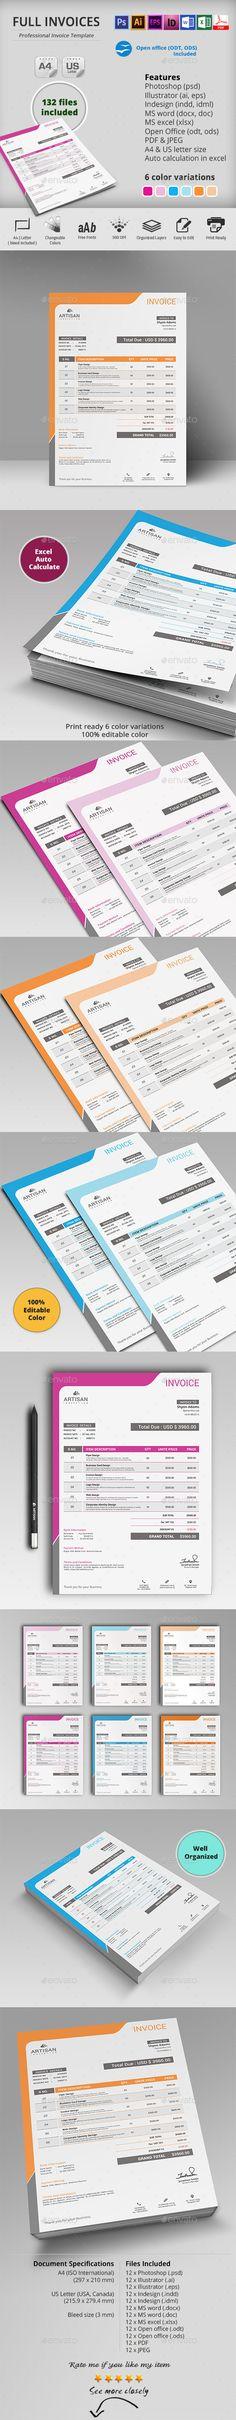 Invoice Invoice design, Letterhead and Type design - invoice style